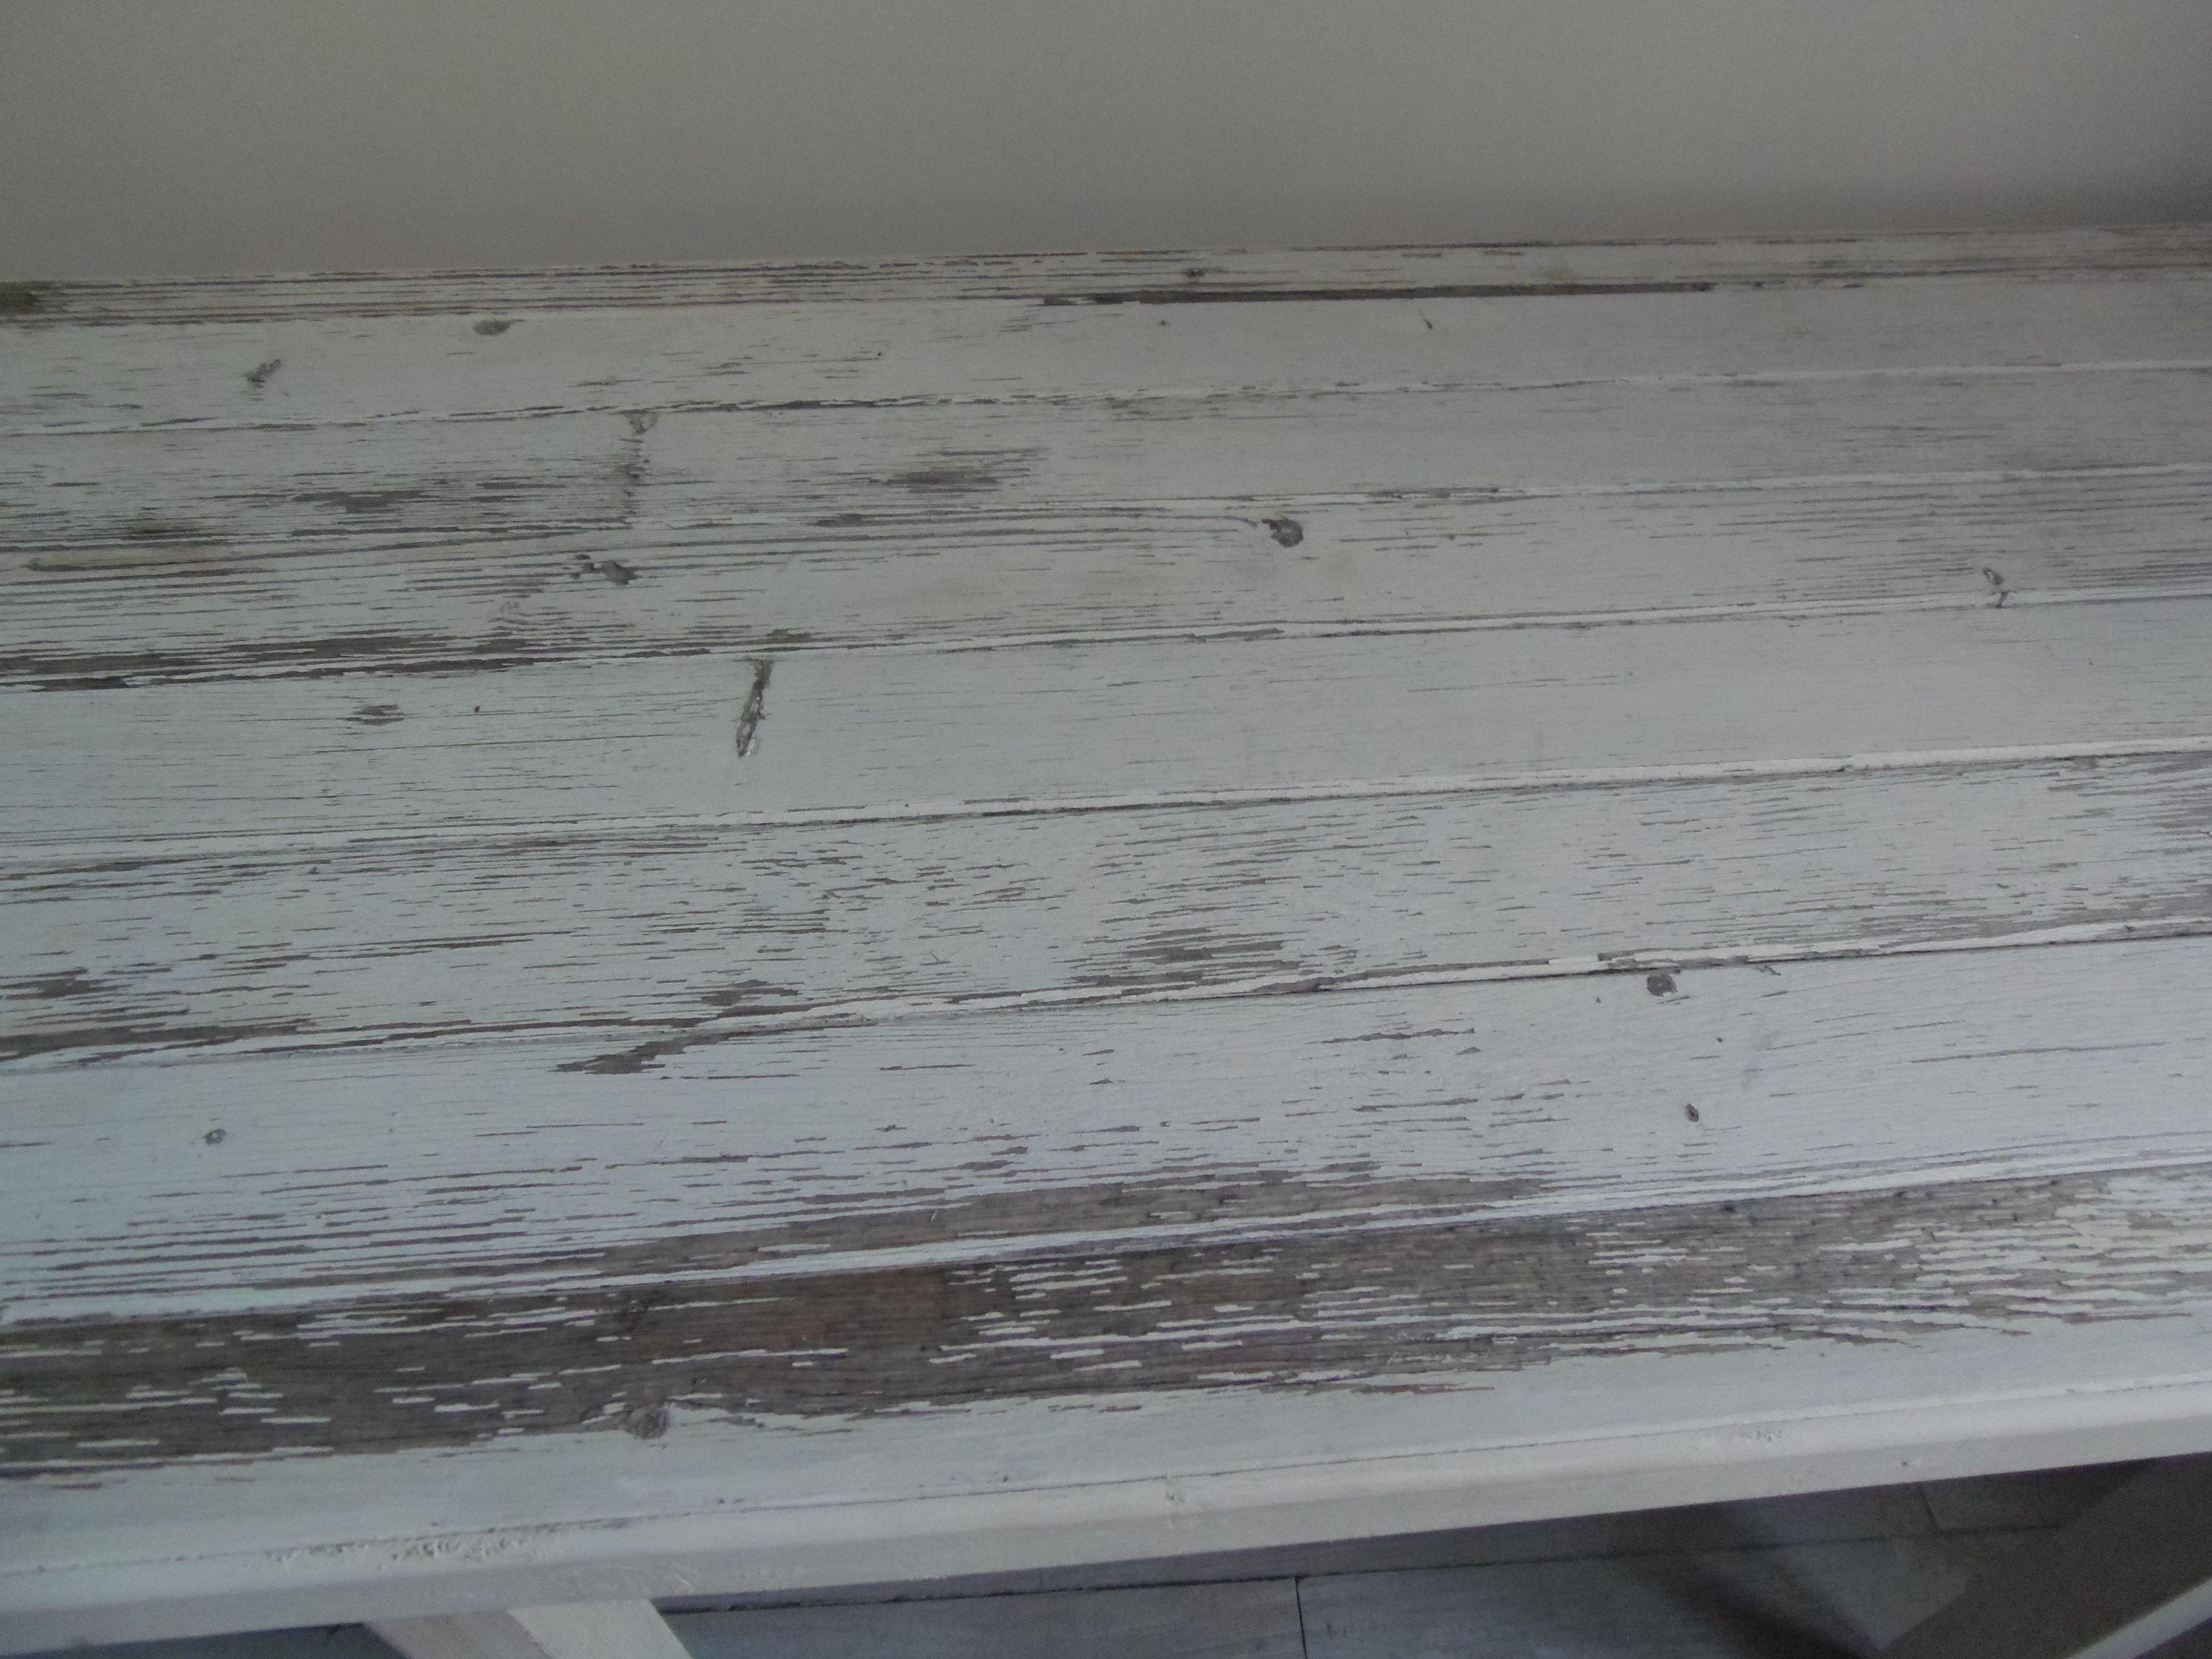 Console patinée gris perle blanc poudré finition cirée. cette console a été réalisée avec une table et un volet anciens laissés dans leur jus, pour un esprit récup chic. L 152 cm  P 49 cm  H 75 cm           180 €. Par l' atelierdes4saisons